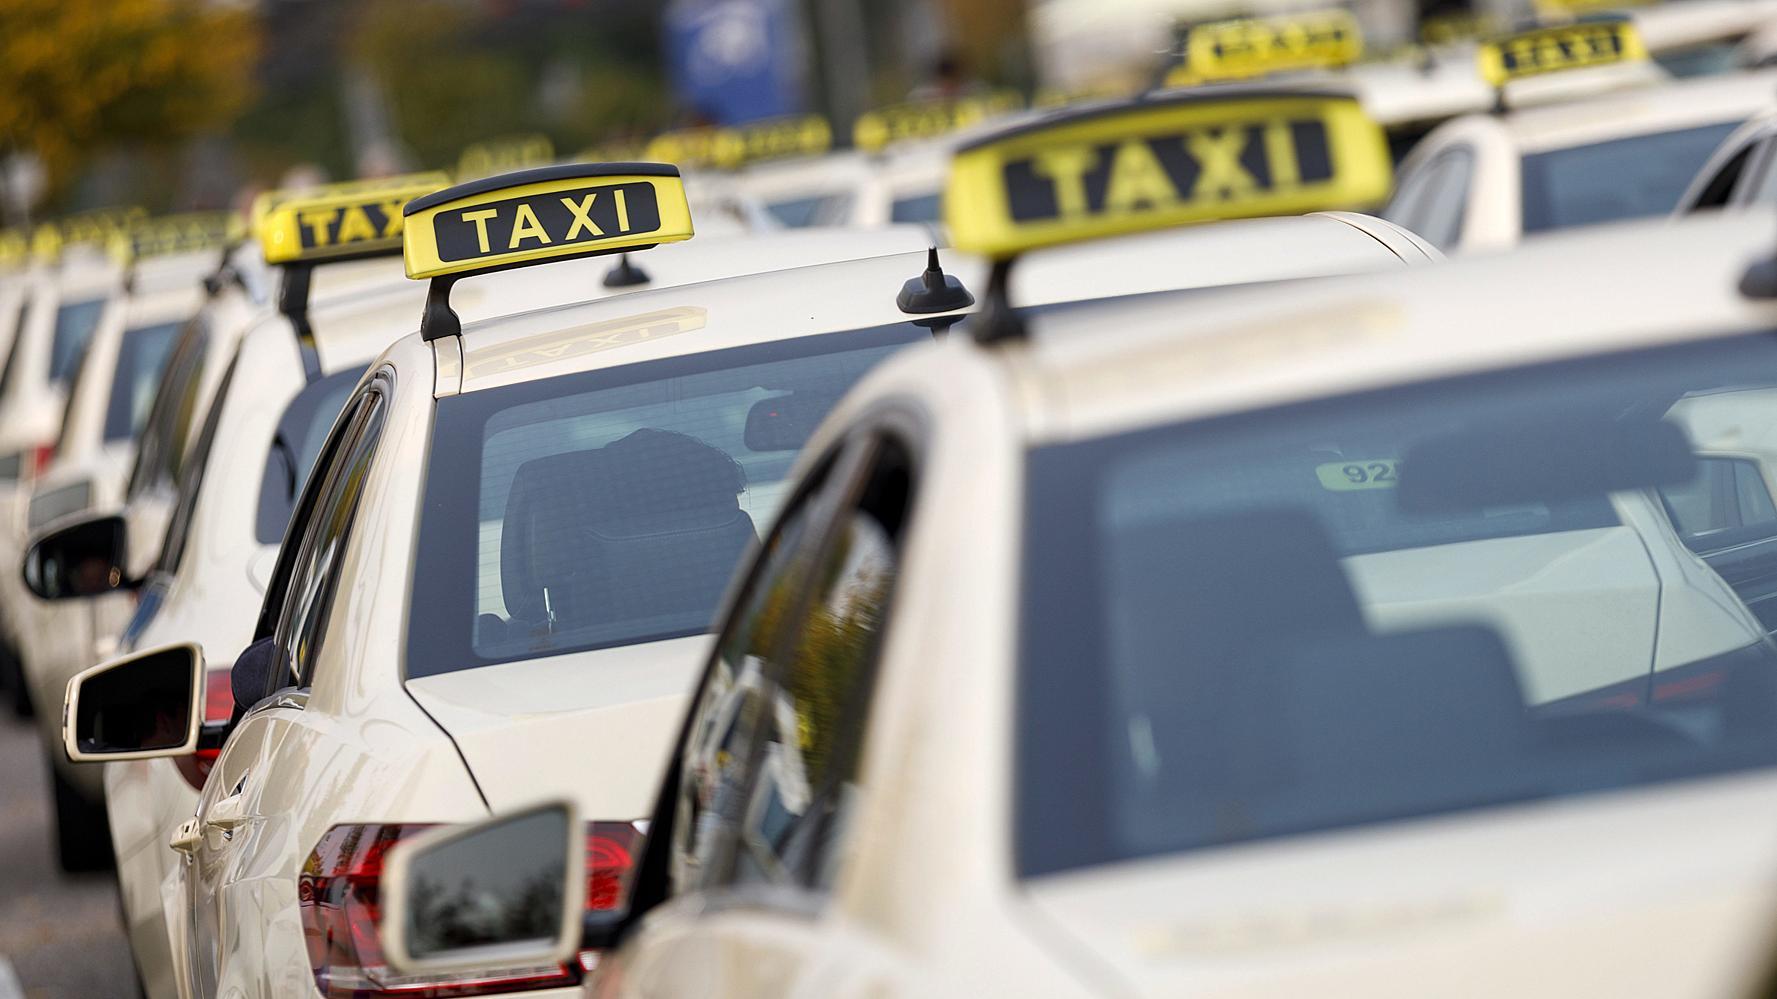 Wartende Taxis an einem Taxistand